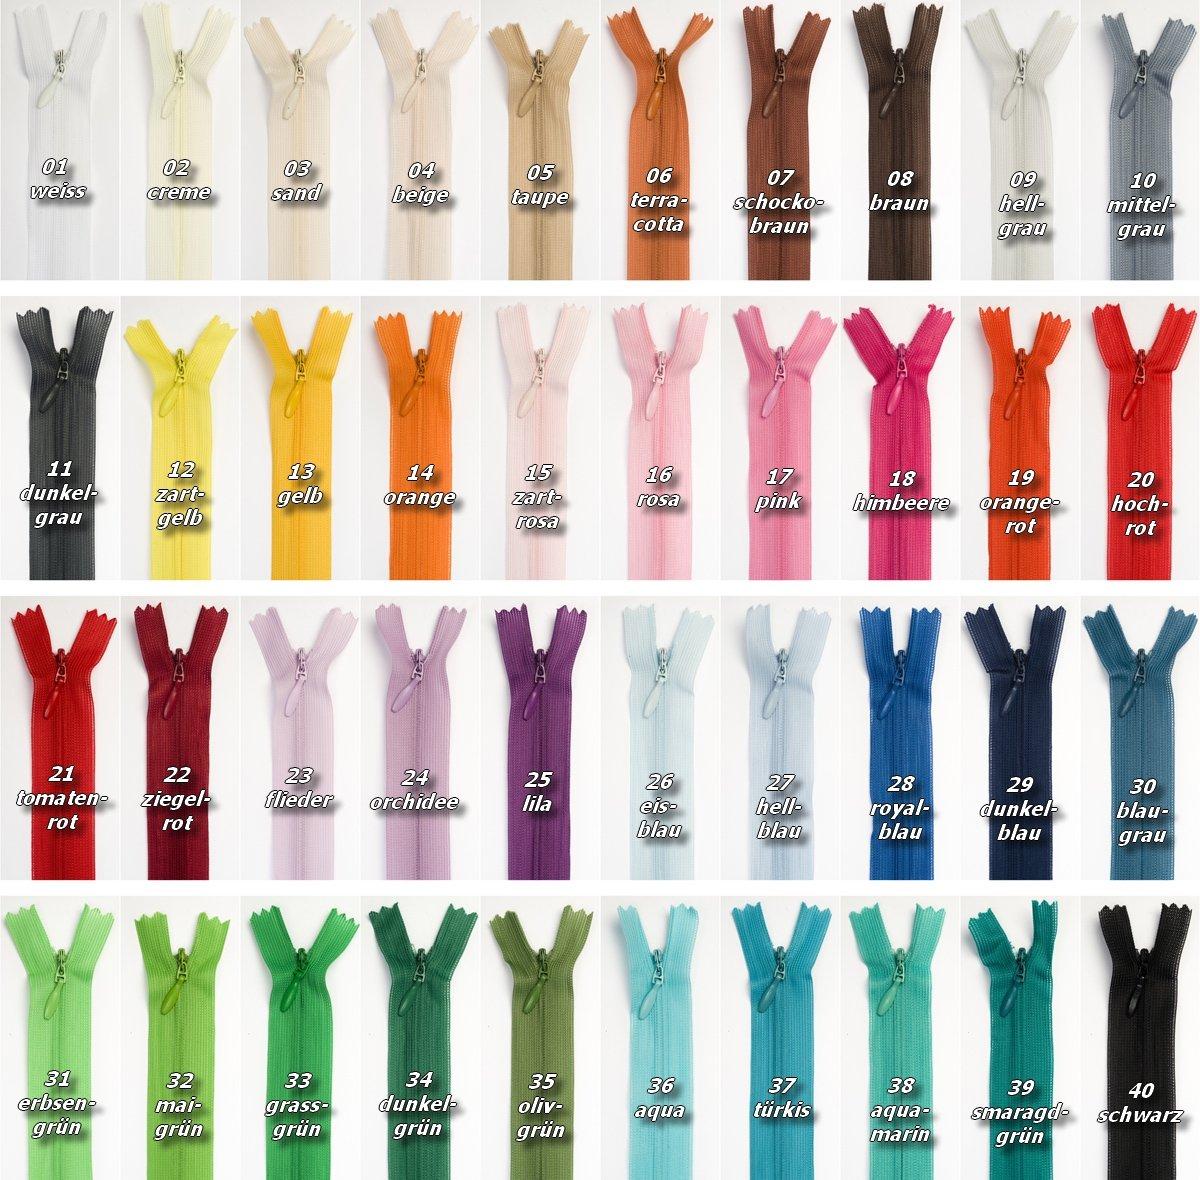 Jajasio 3 Reiß verschlü sse nahtverdeckt, nicht teilbar, 40cm lang, Nahtverdeckter Reiß verschluss in 40 Farben/Farbe: 3x01 - weiss